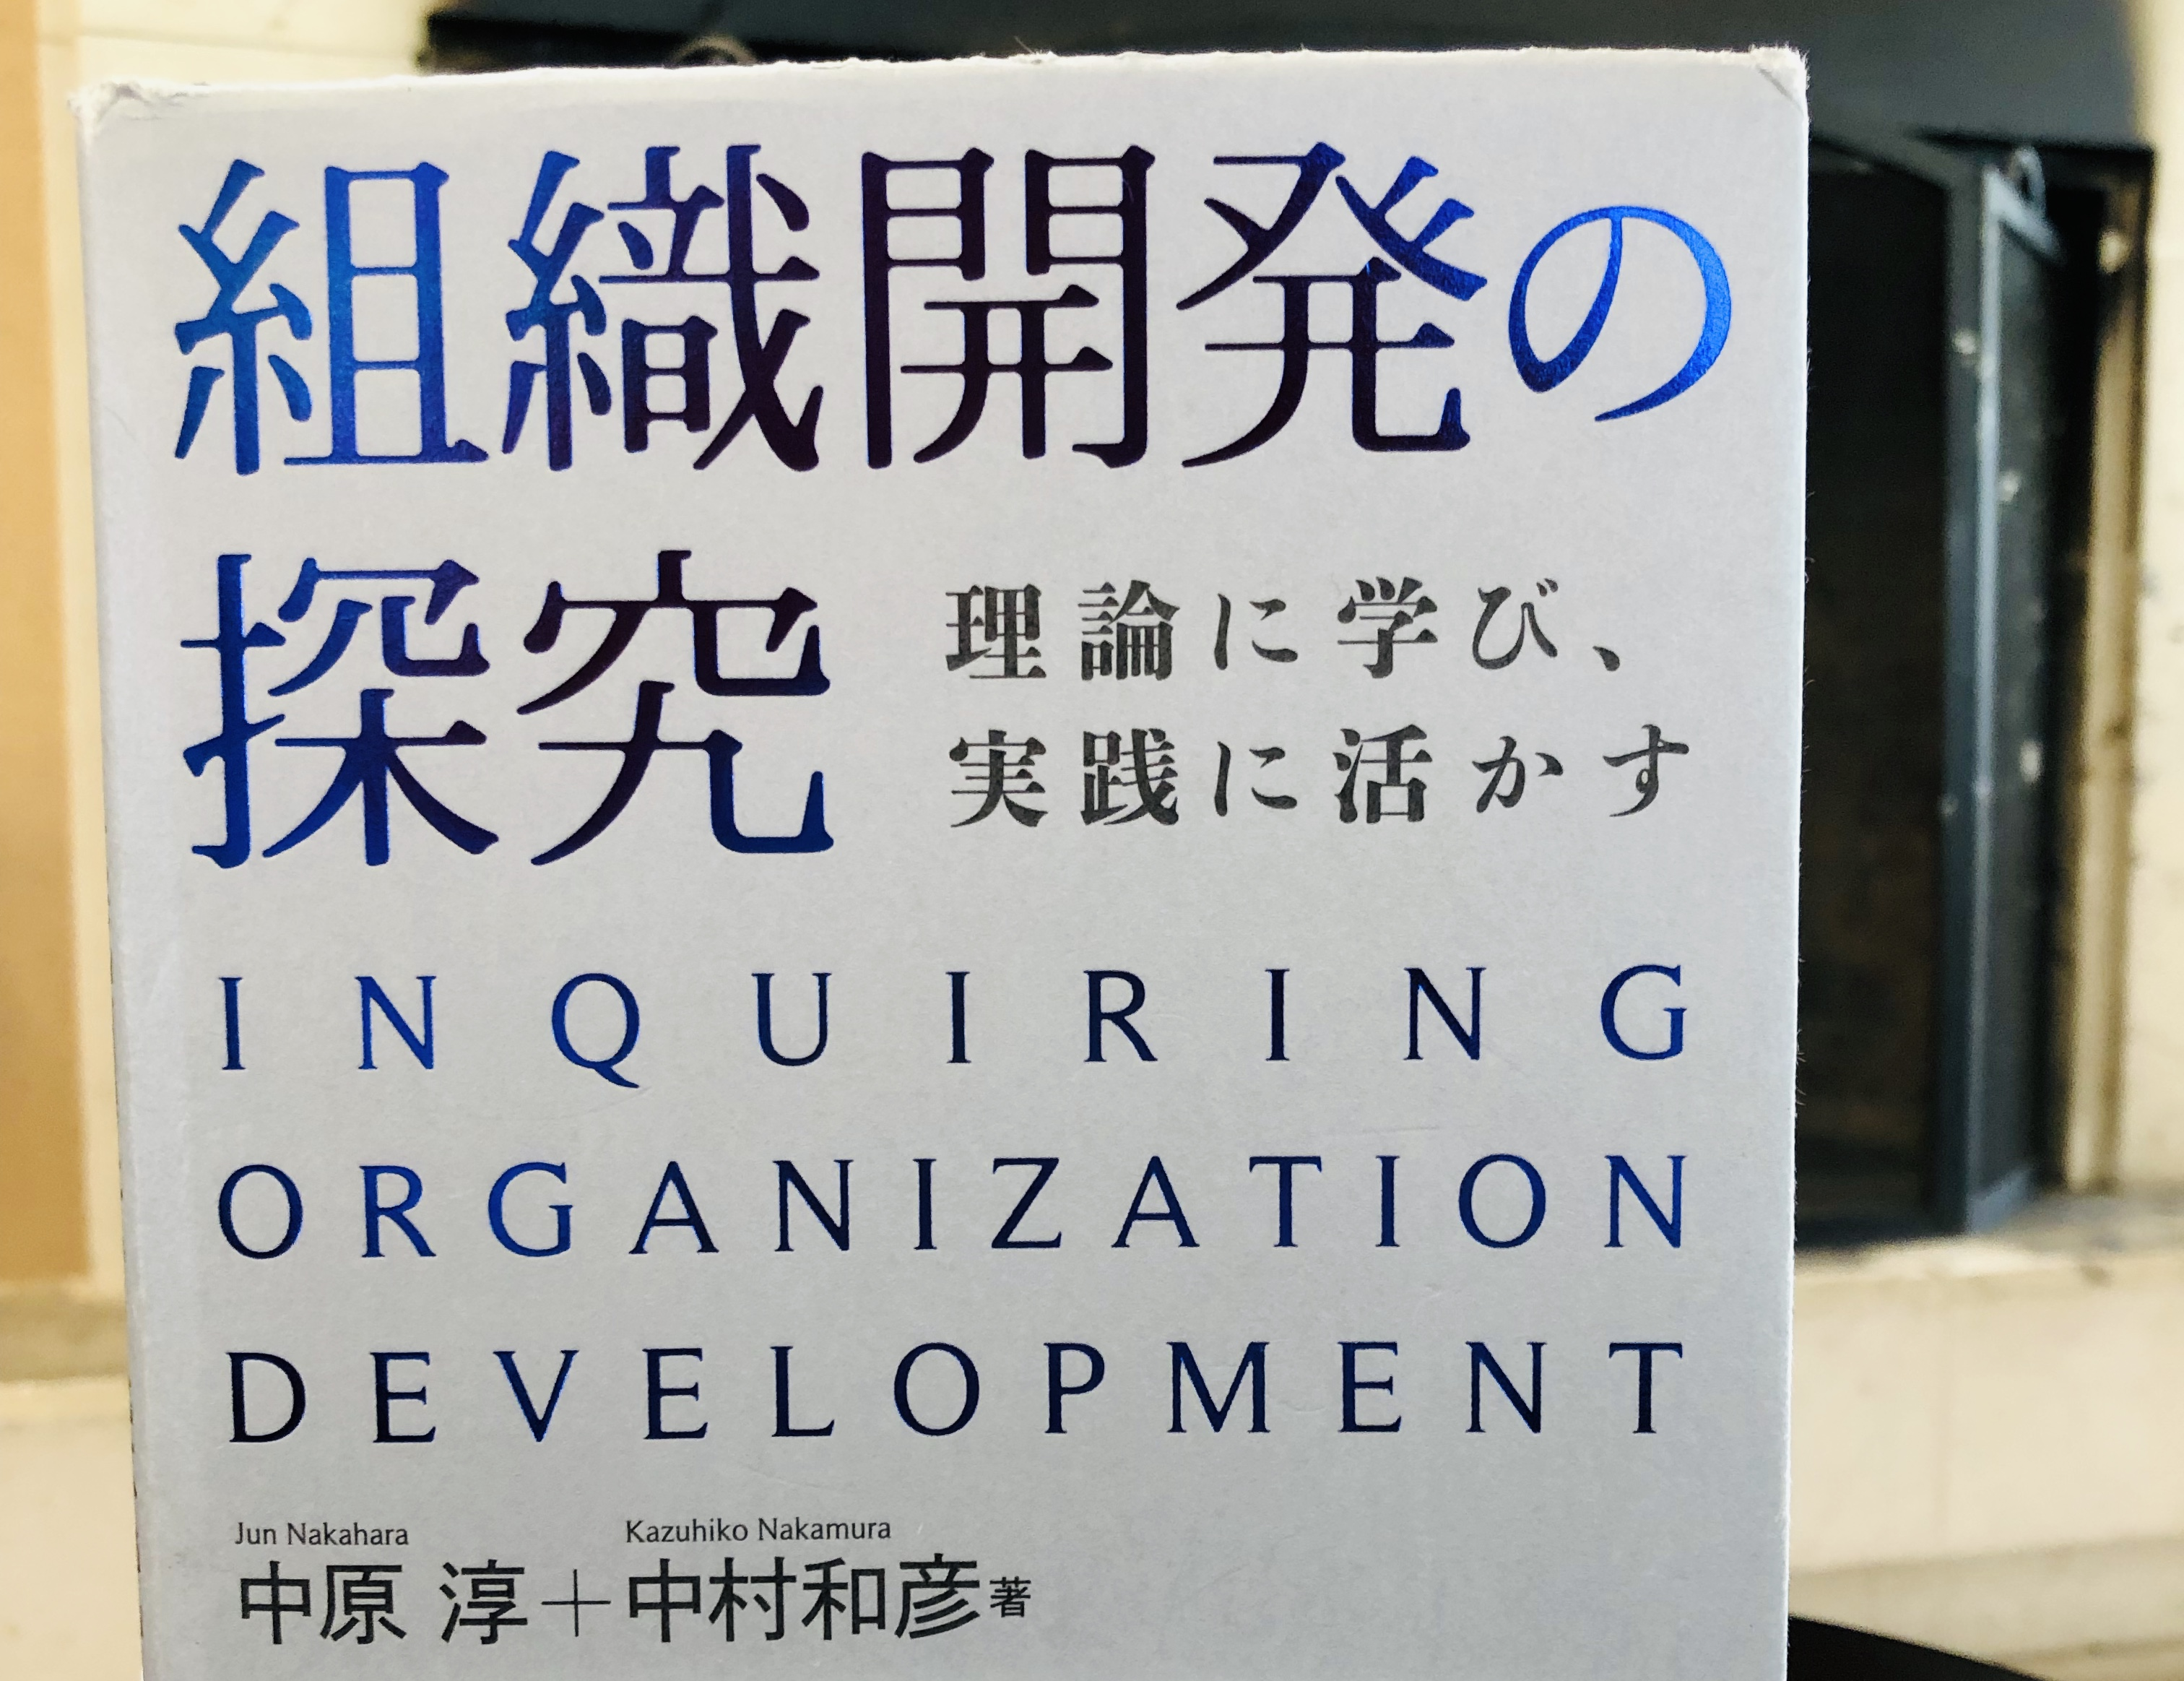 中原淳先生、中村和彦先生『組織開発の探求 理論に学び、実践に活かす』